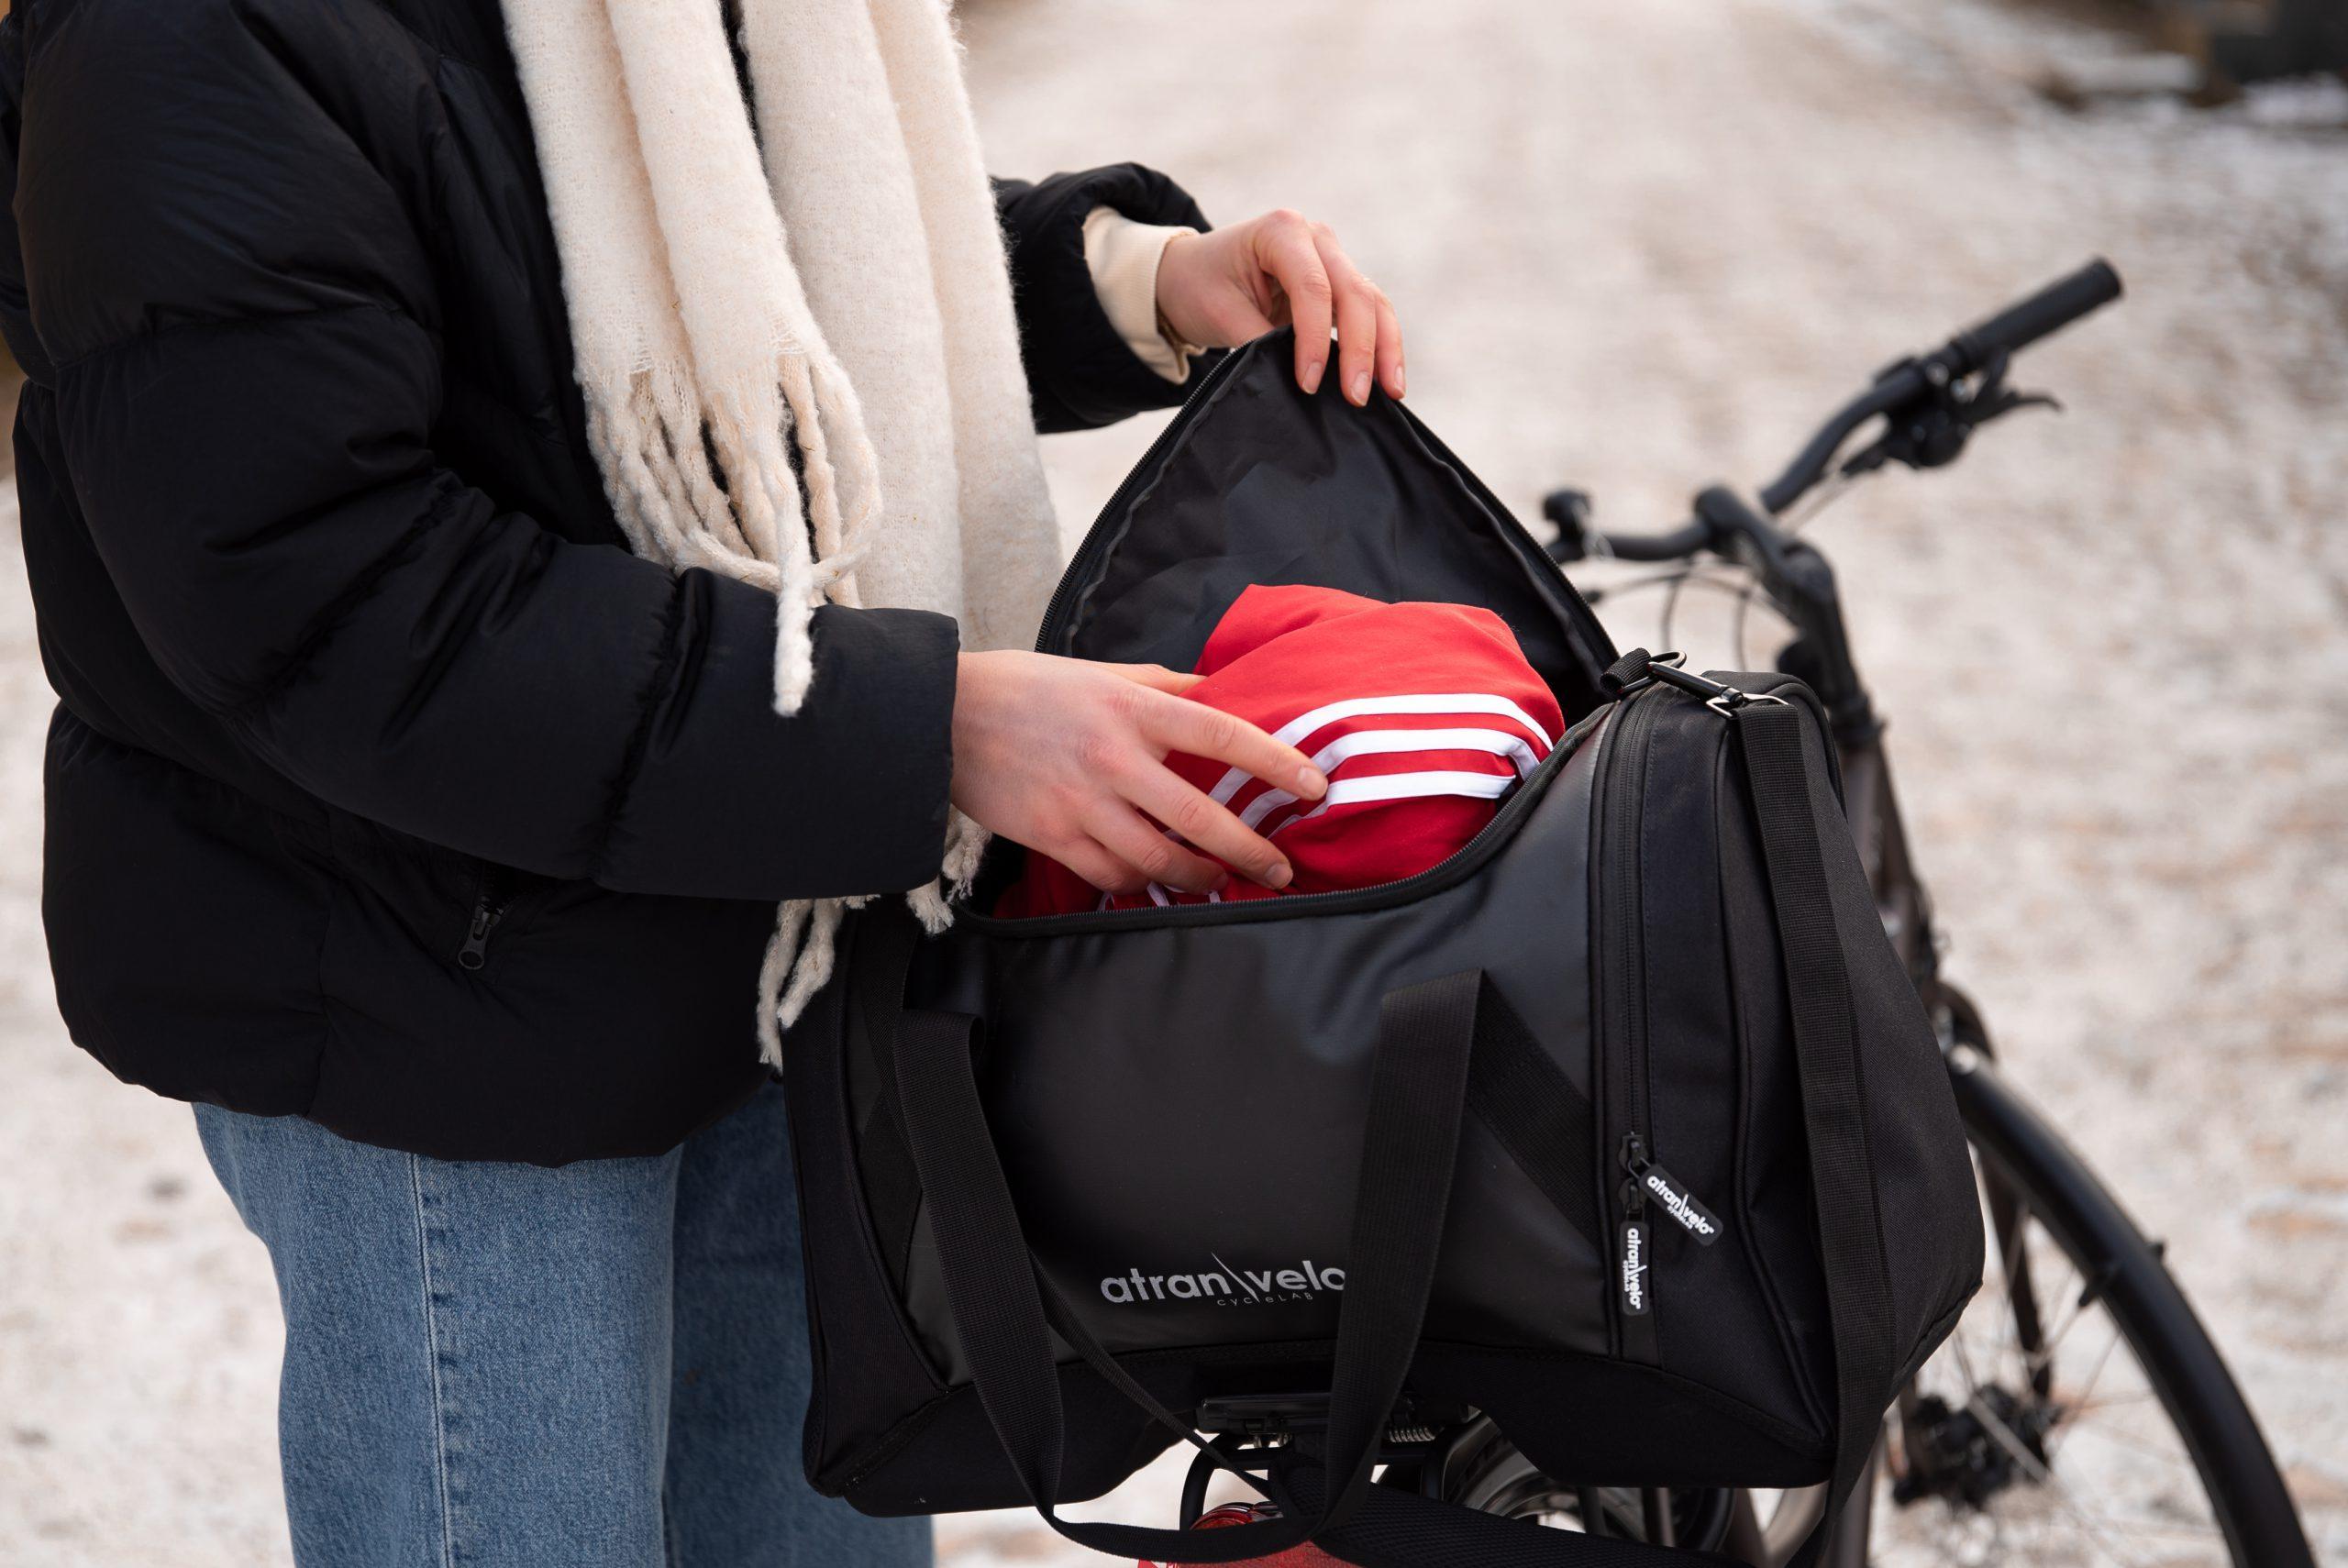 AtranVelo AVS Duffle Bag